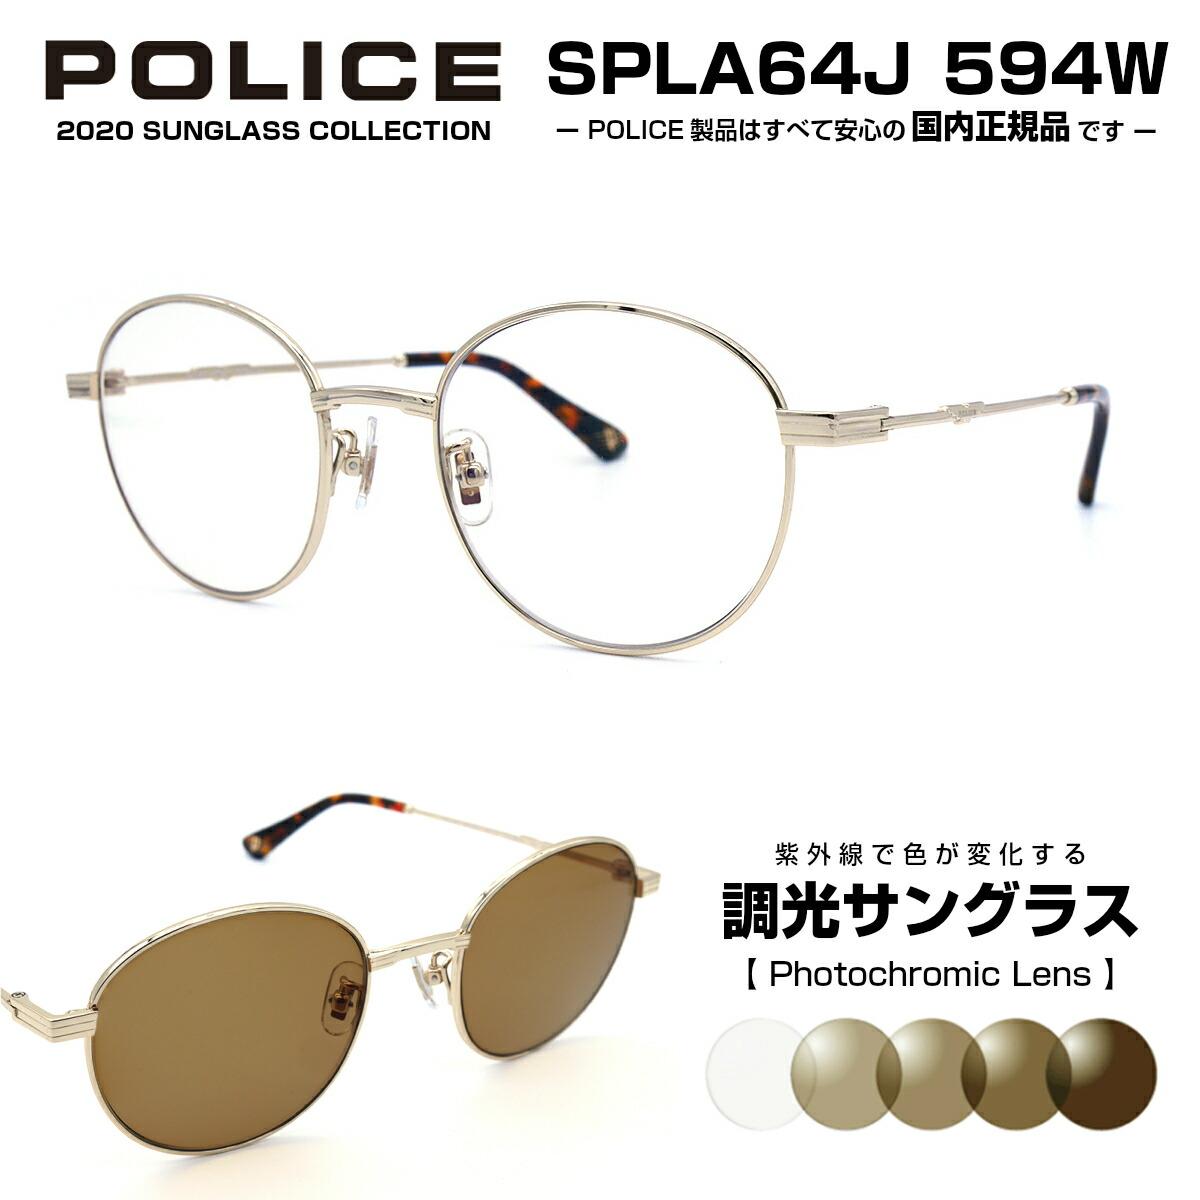 POLICE ポリス 調光 サングラス ORIGINS SPLA64J 594W 2020年モデル SUNGLASS おしゃれ スクエア チタン メタル ラウンド 紫外線 色変わるレンズ 丸眼鏡 まる 軽量 メガネ メンズ 男 正規品 顔 大きい プレゼント